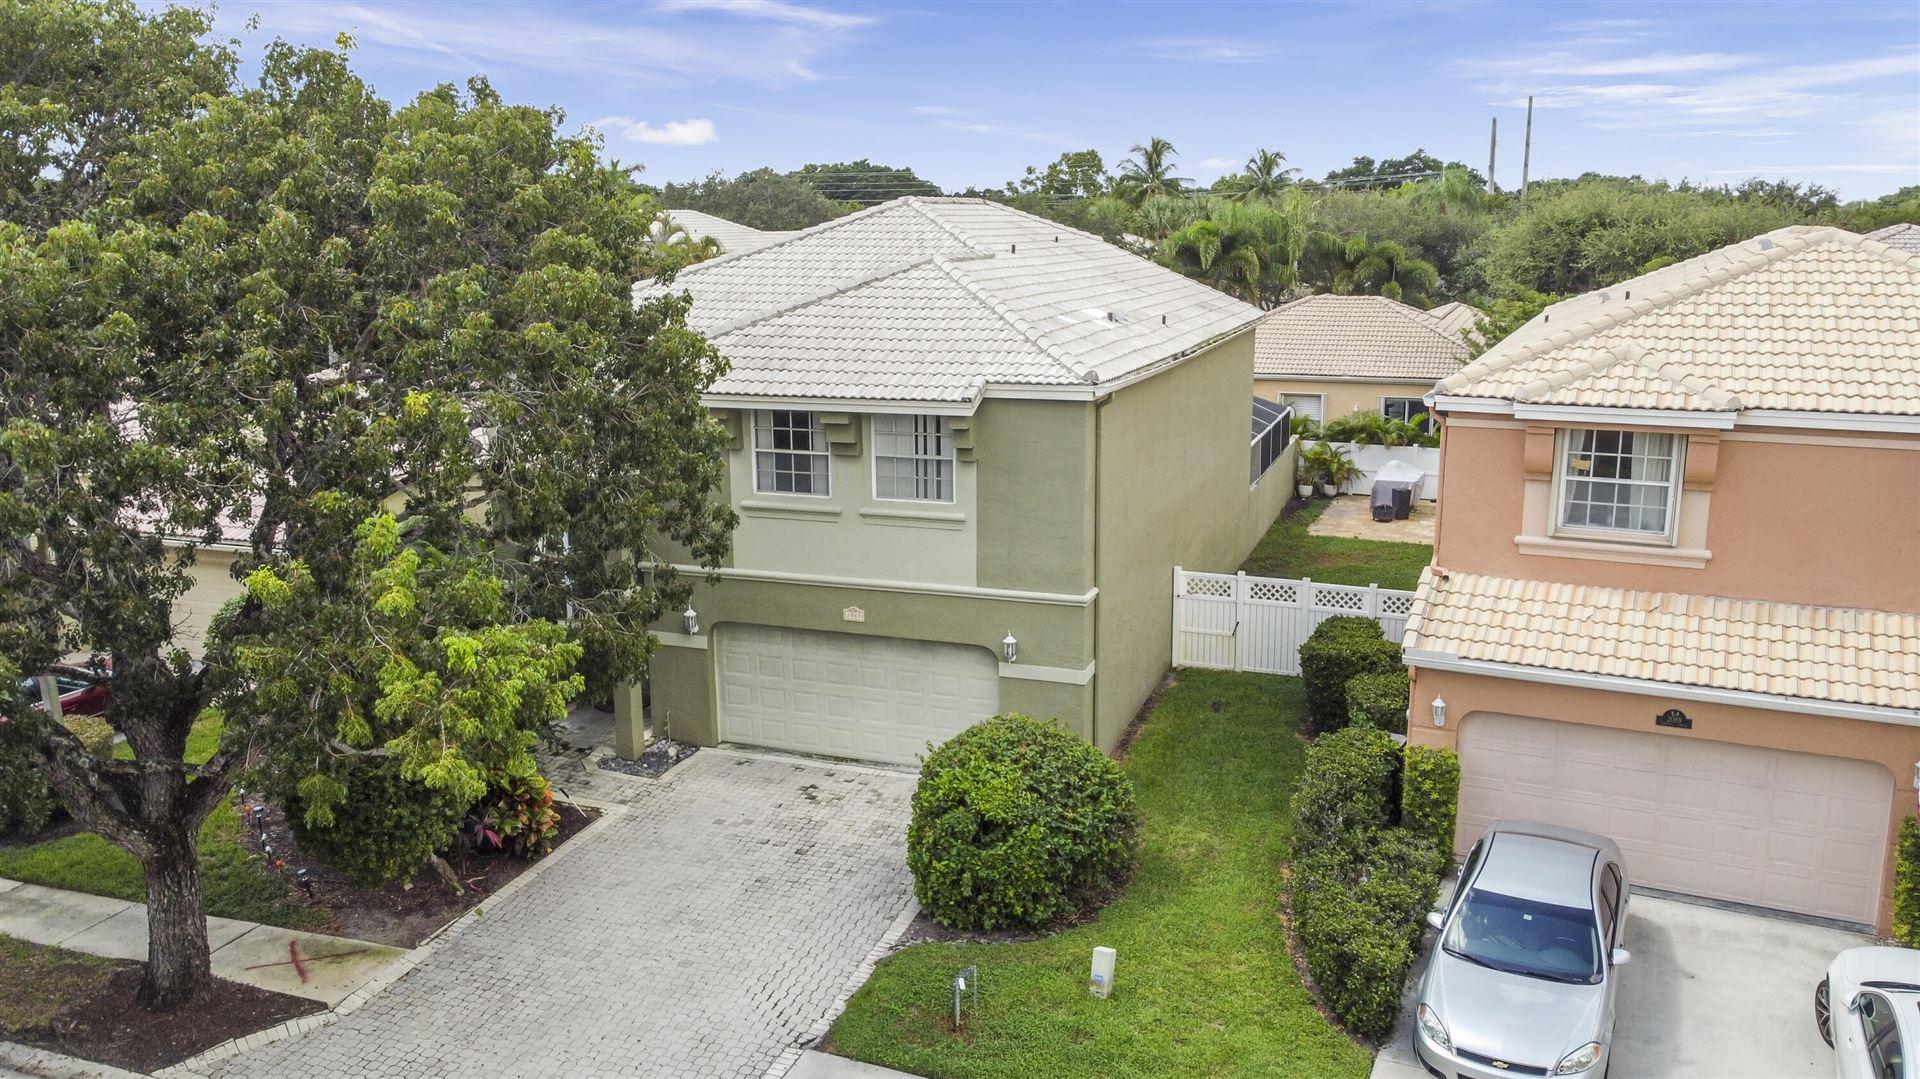 2087 Chagall Circle, West Palm Beach, FL 33409 - MLS#: RX-10752484